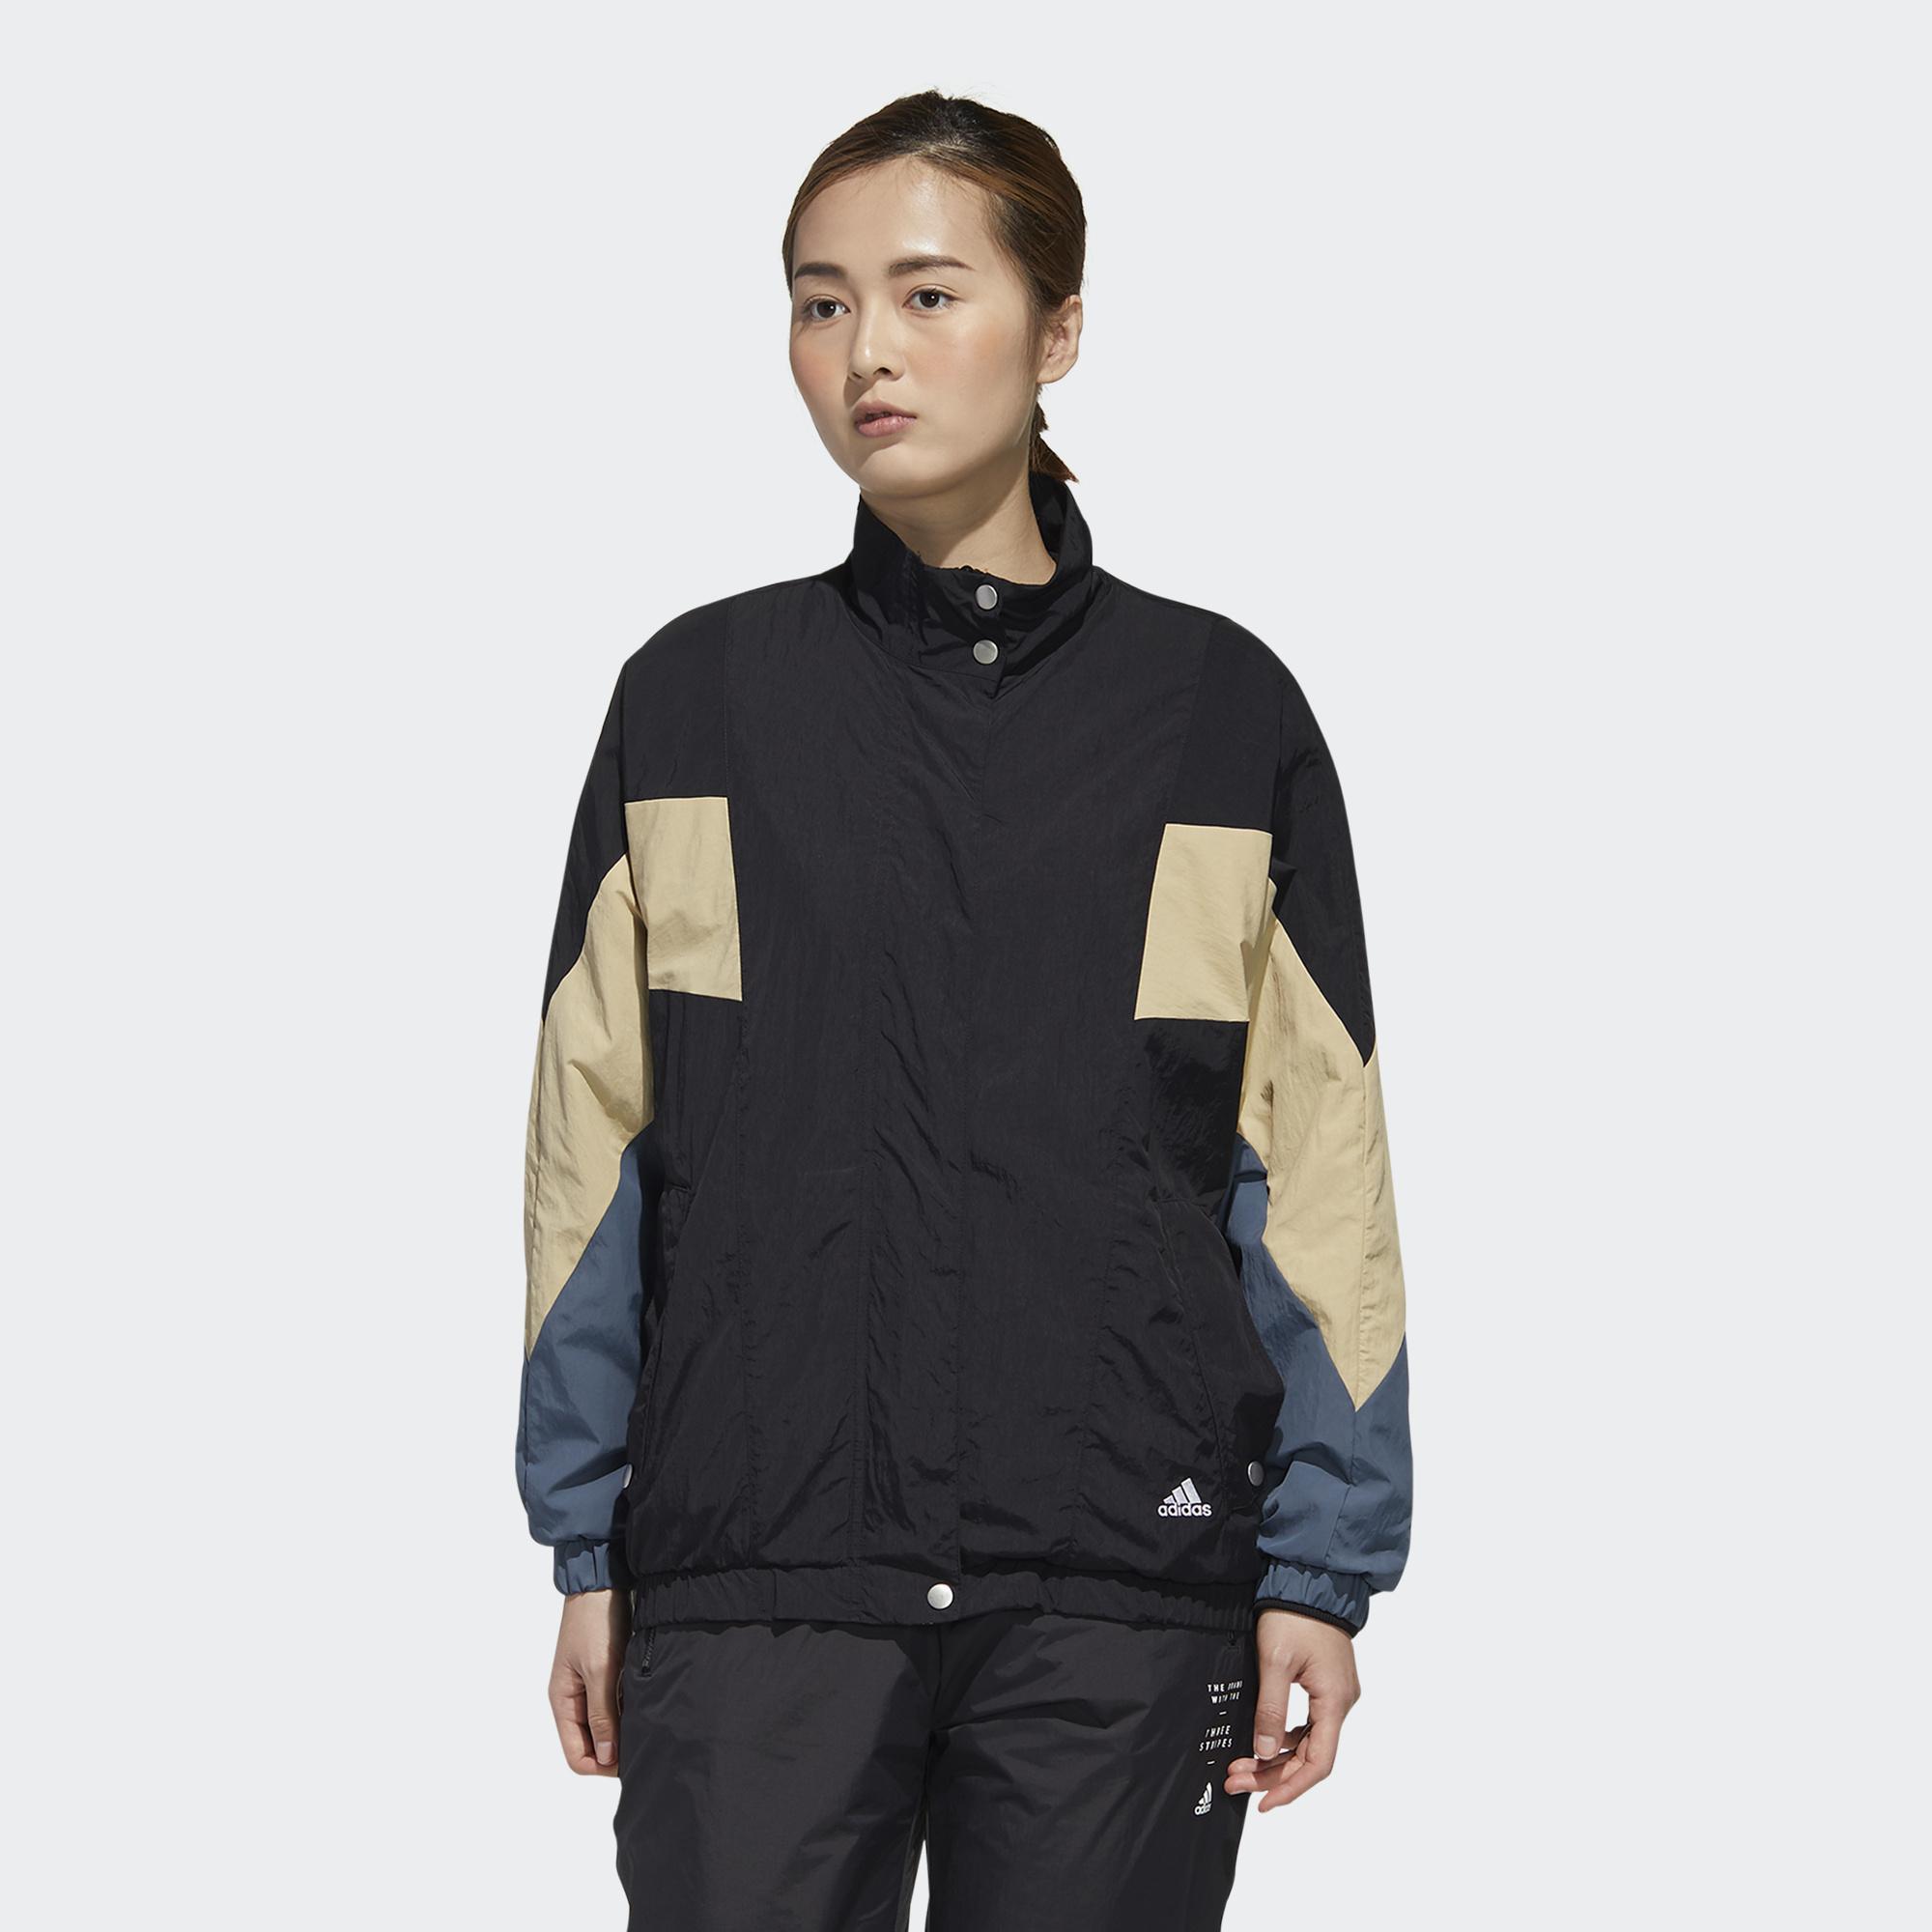 【滿額最高折318】Adidas W MHS WORDING 女裝 外套 風衣 休閒 按扣口袋 羅紋袖口 色塊 黑【運動世界】GF6958